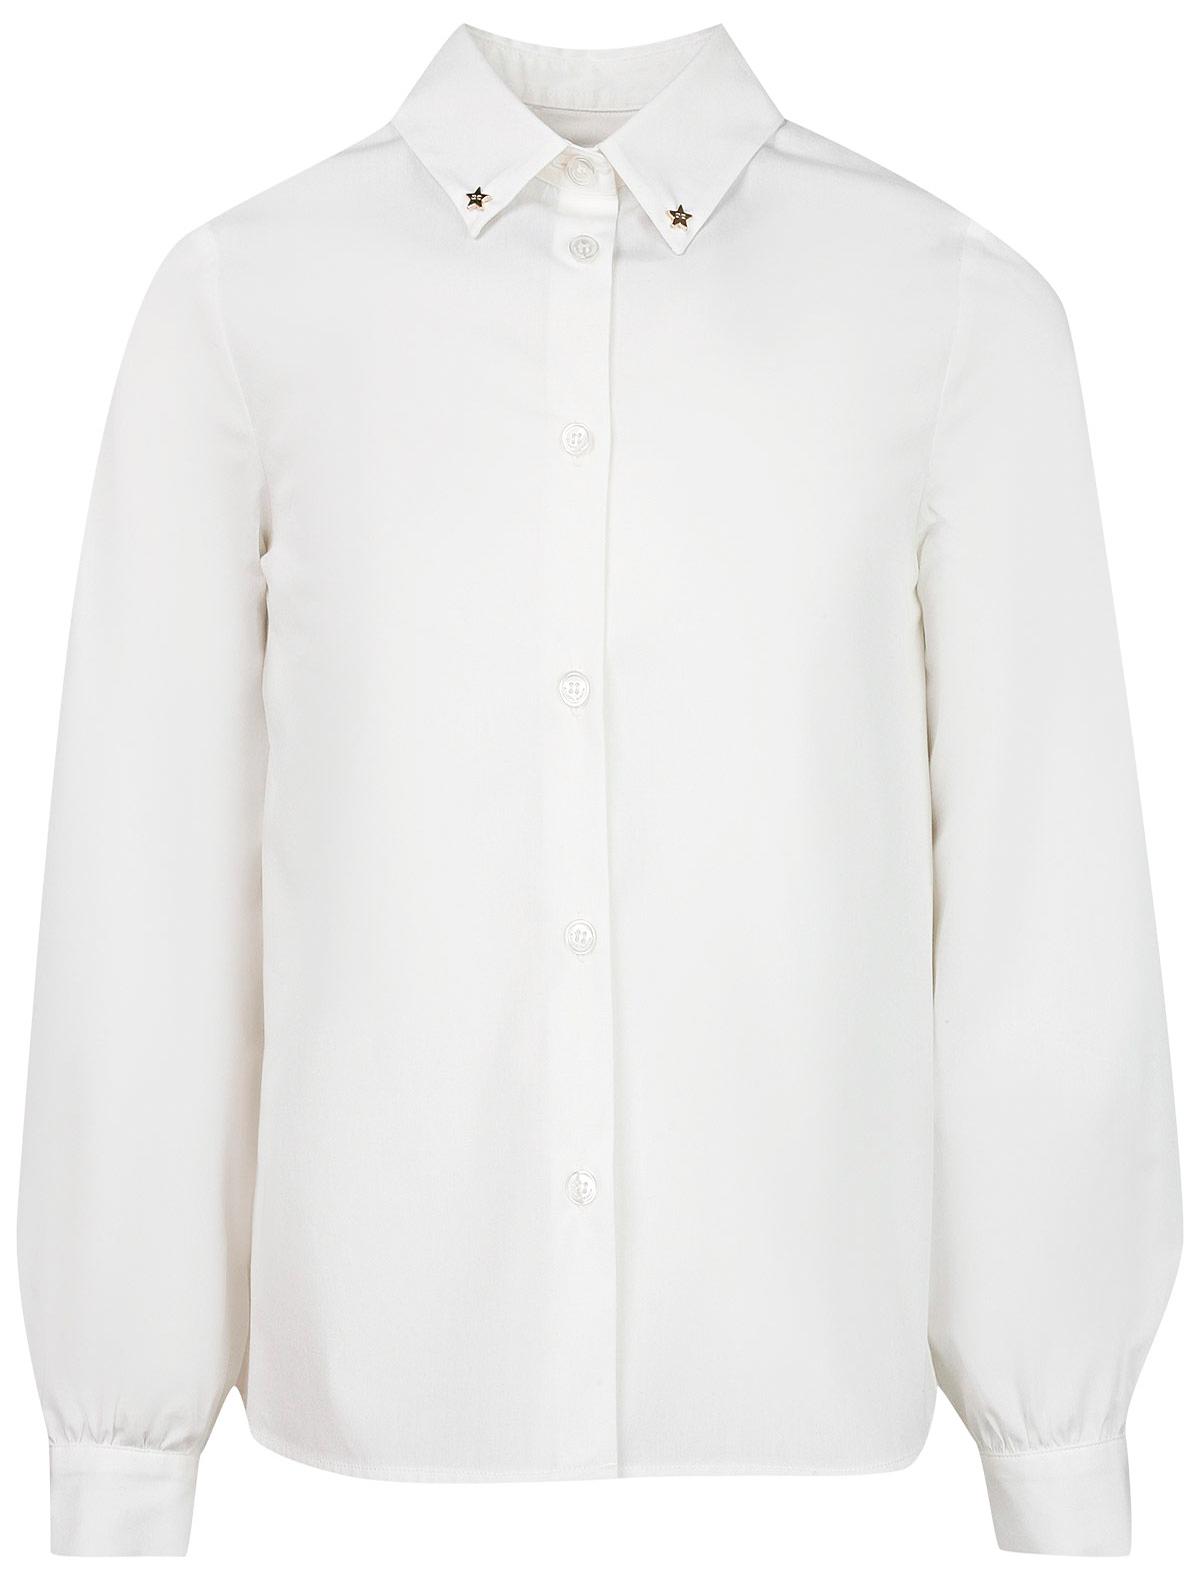 Купить 2139762, Блуза ELISABETTA FRANCHI, белый, Женский, 1031209980465